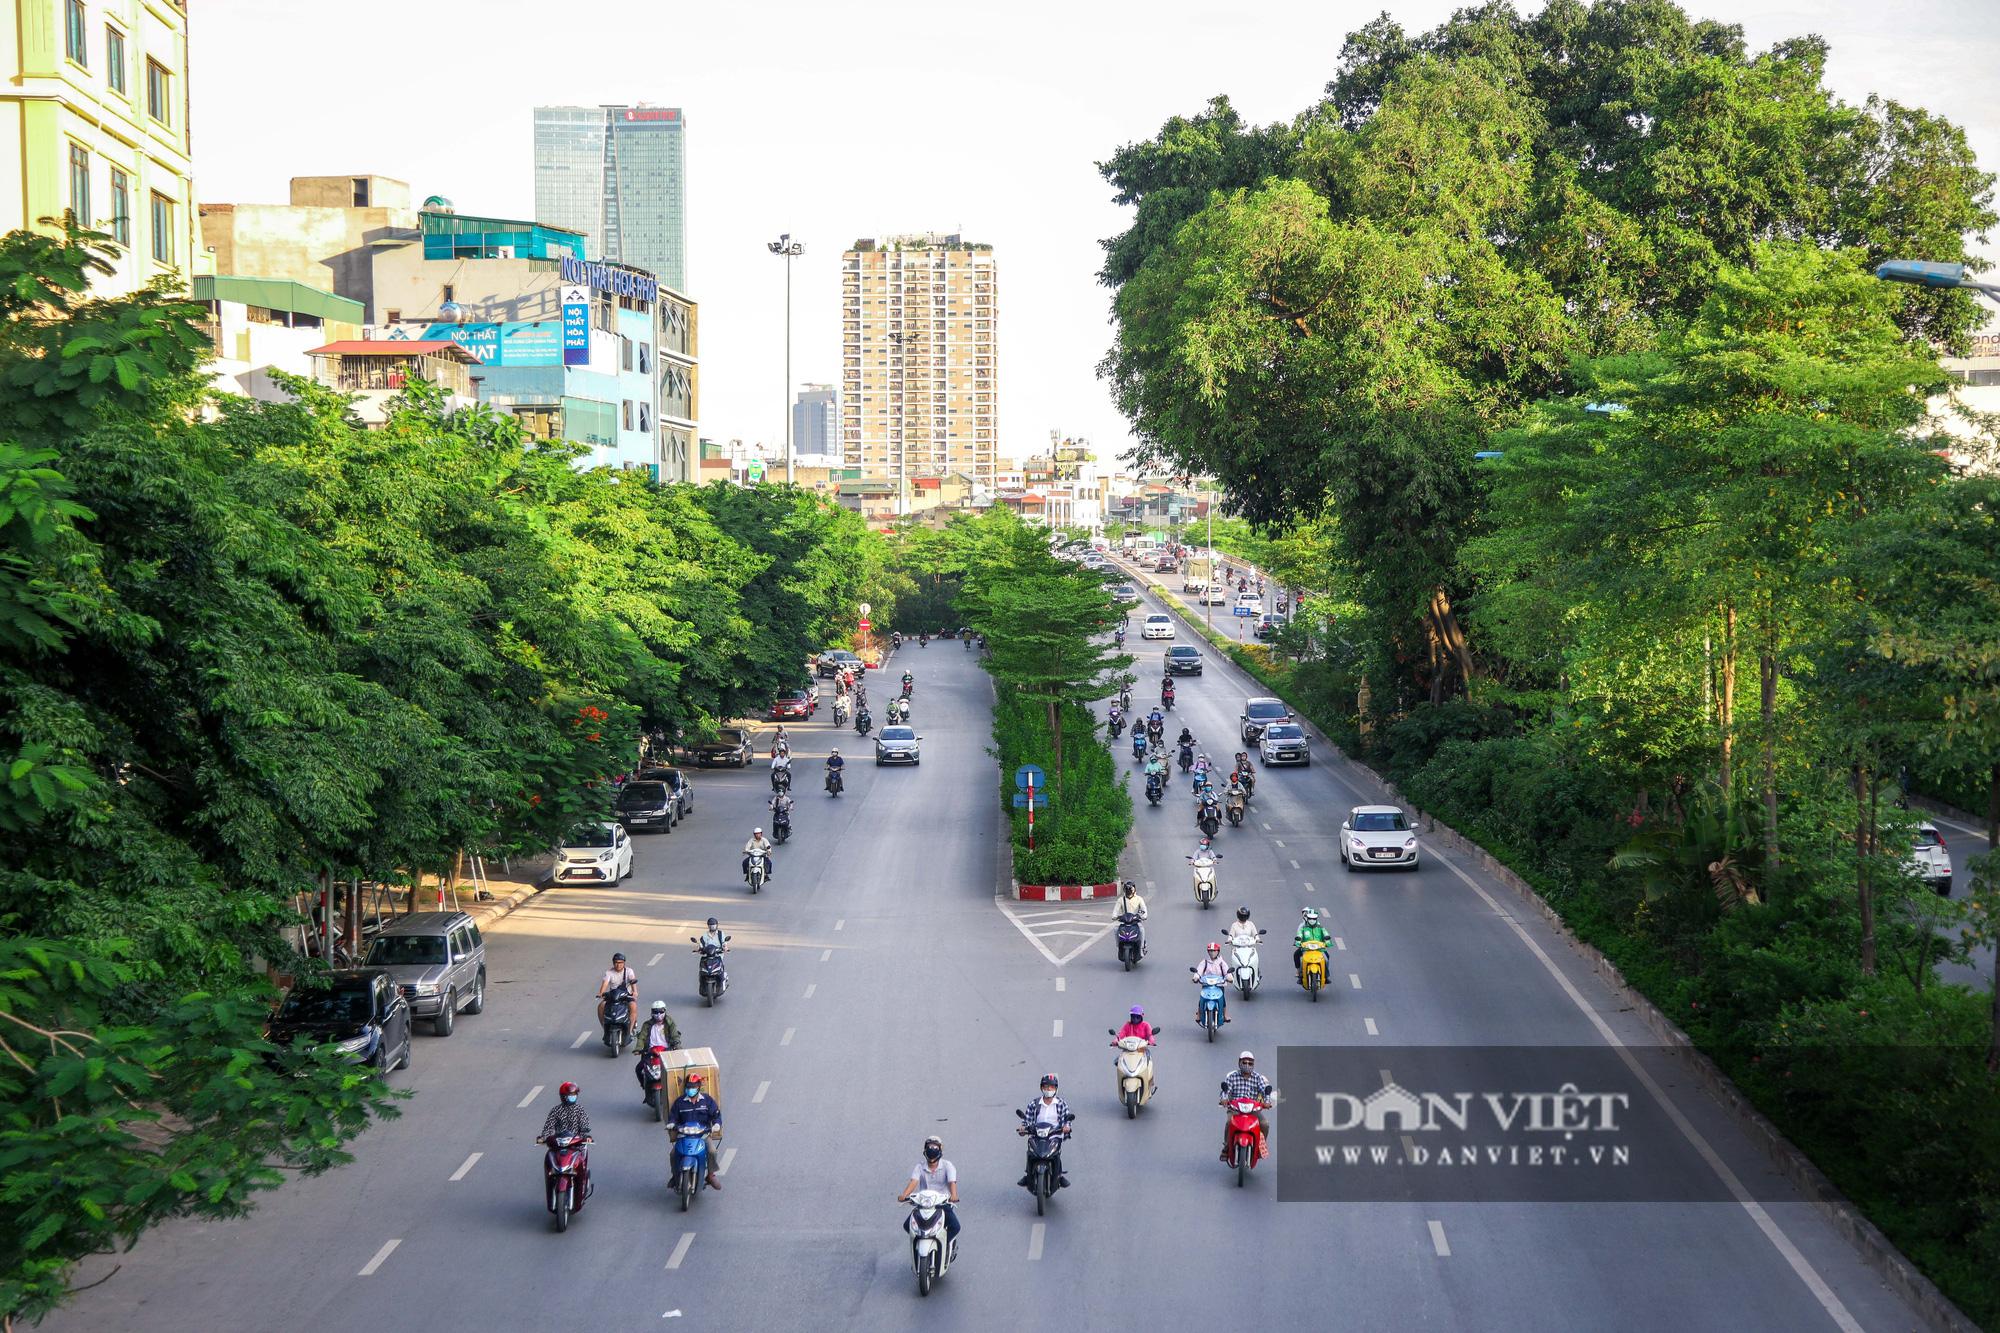 Nhìn lại 10 dự án tiêu biểu do ông Nguyễn Đức Chung - Chủ tịch TP Hà Nội chỉ đạo - Ảnh 1.